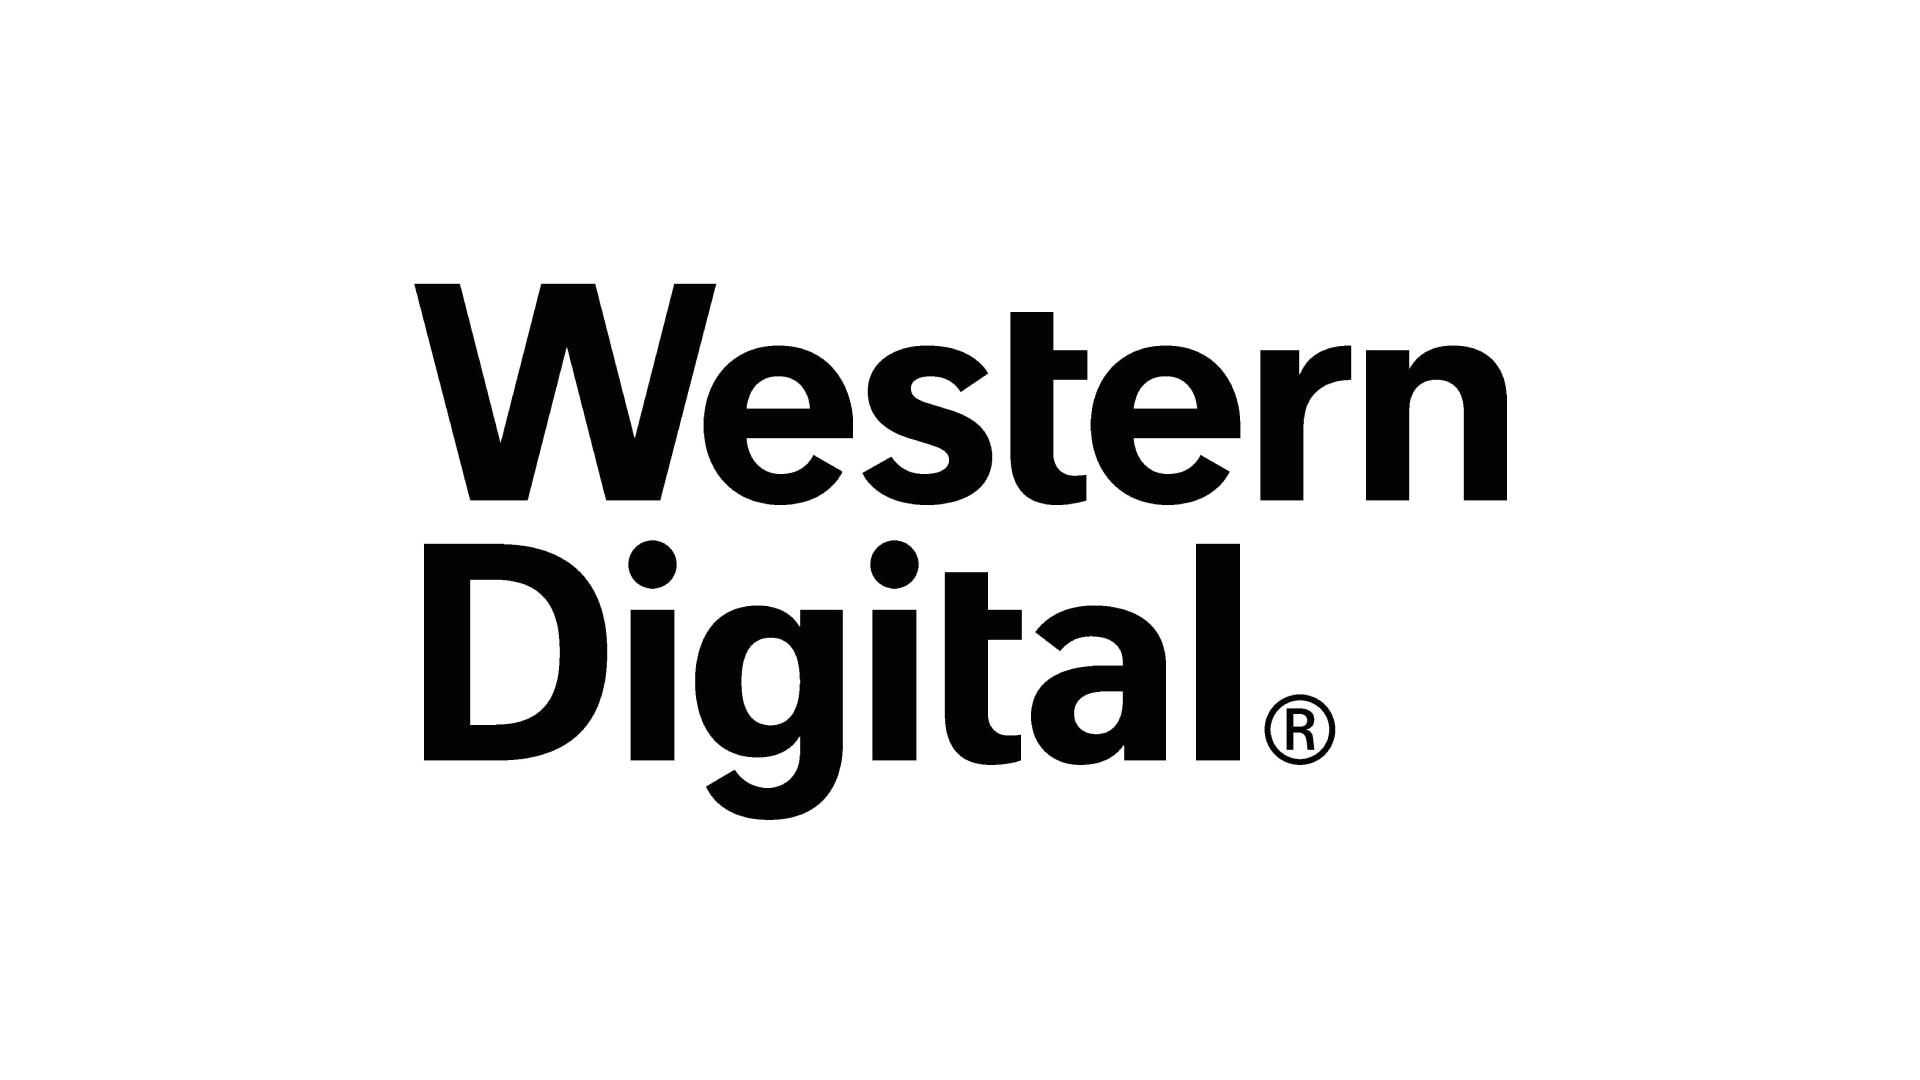 Western Digital iNAND Firmware intern 2022 Free IT Job Alert